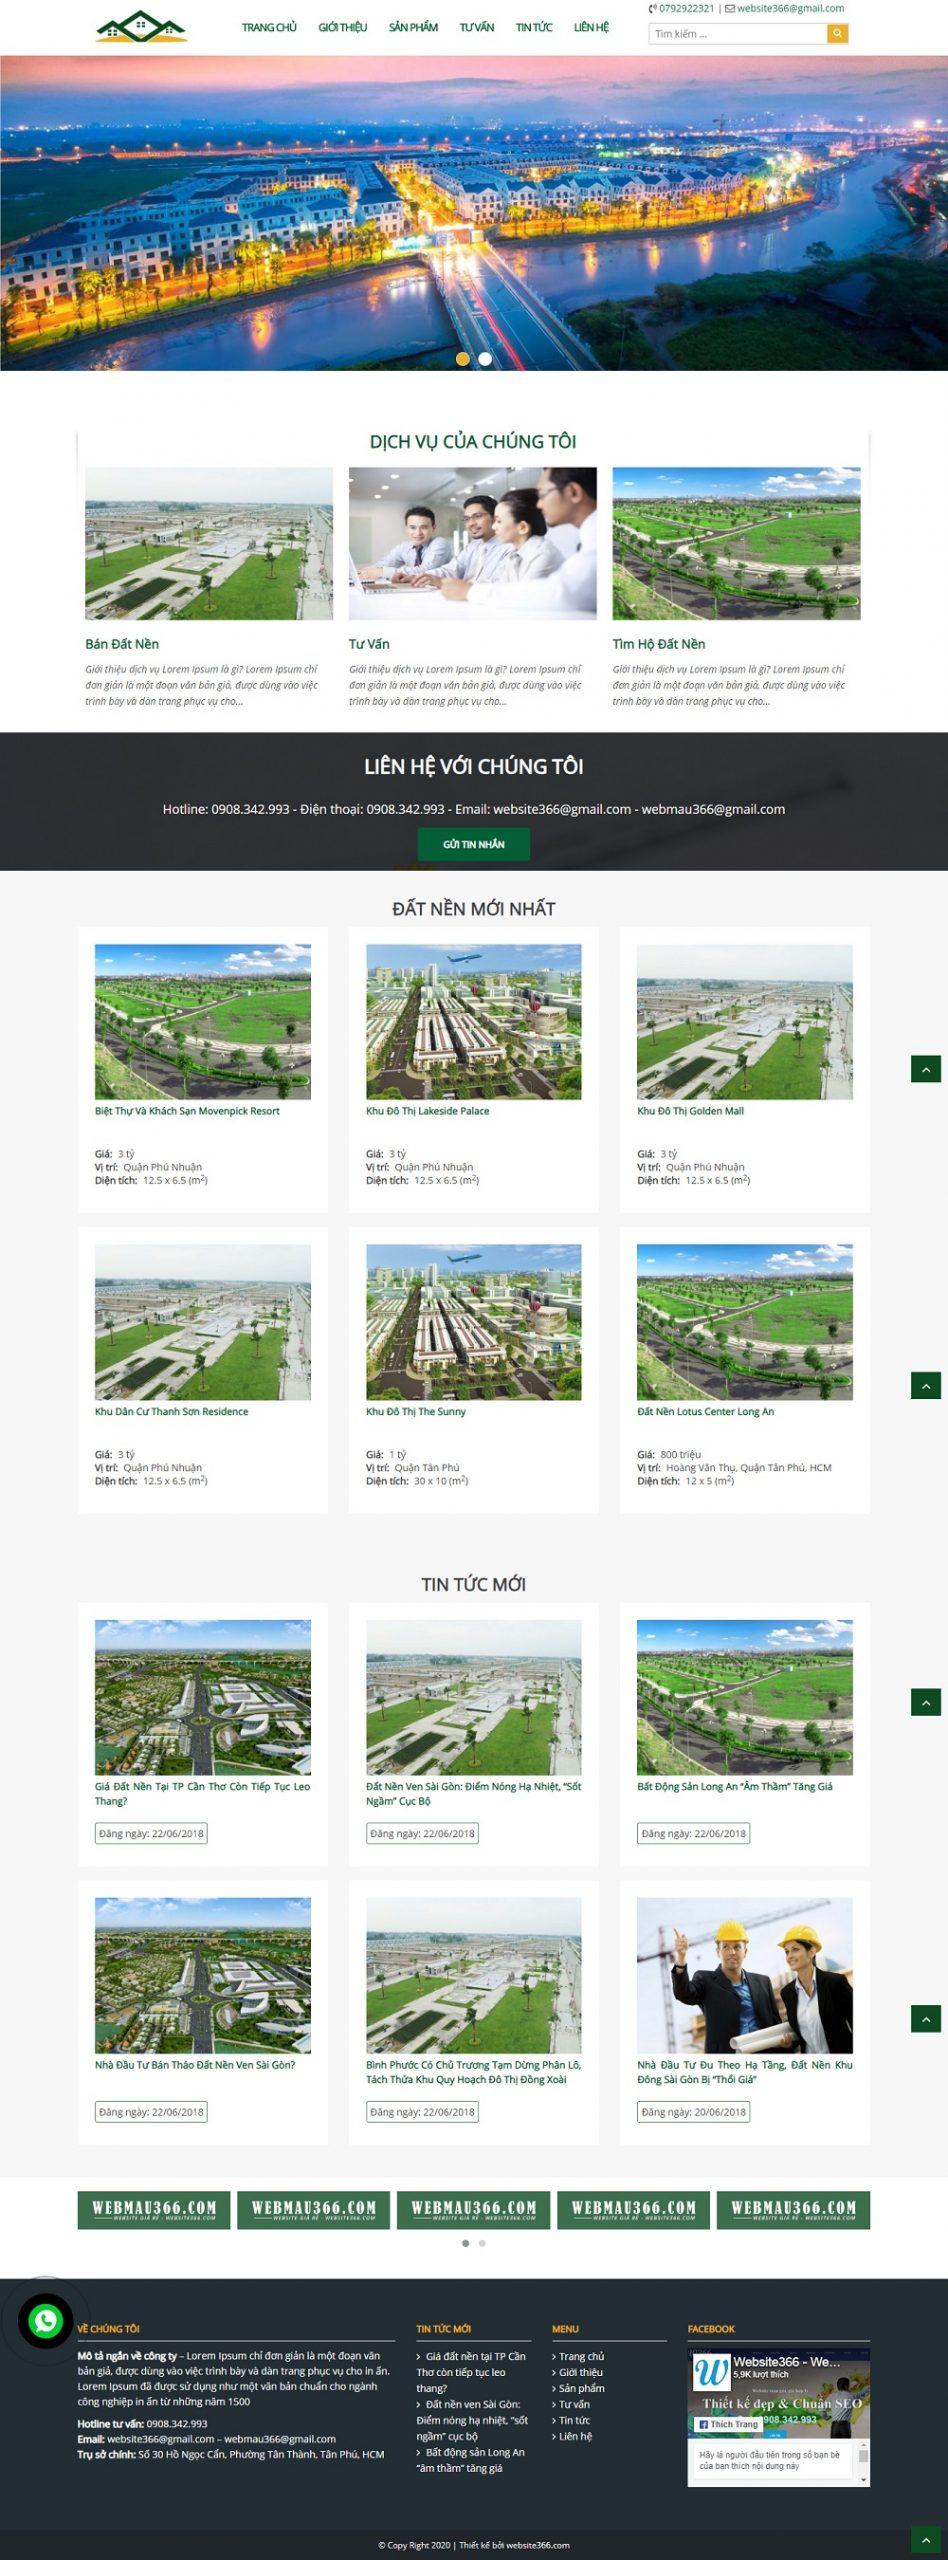 Mẫu web đẹp BDS02